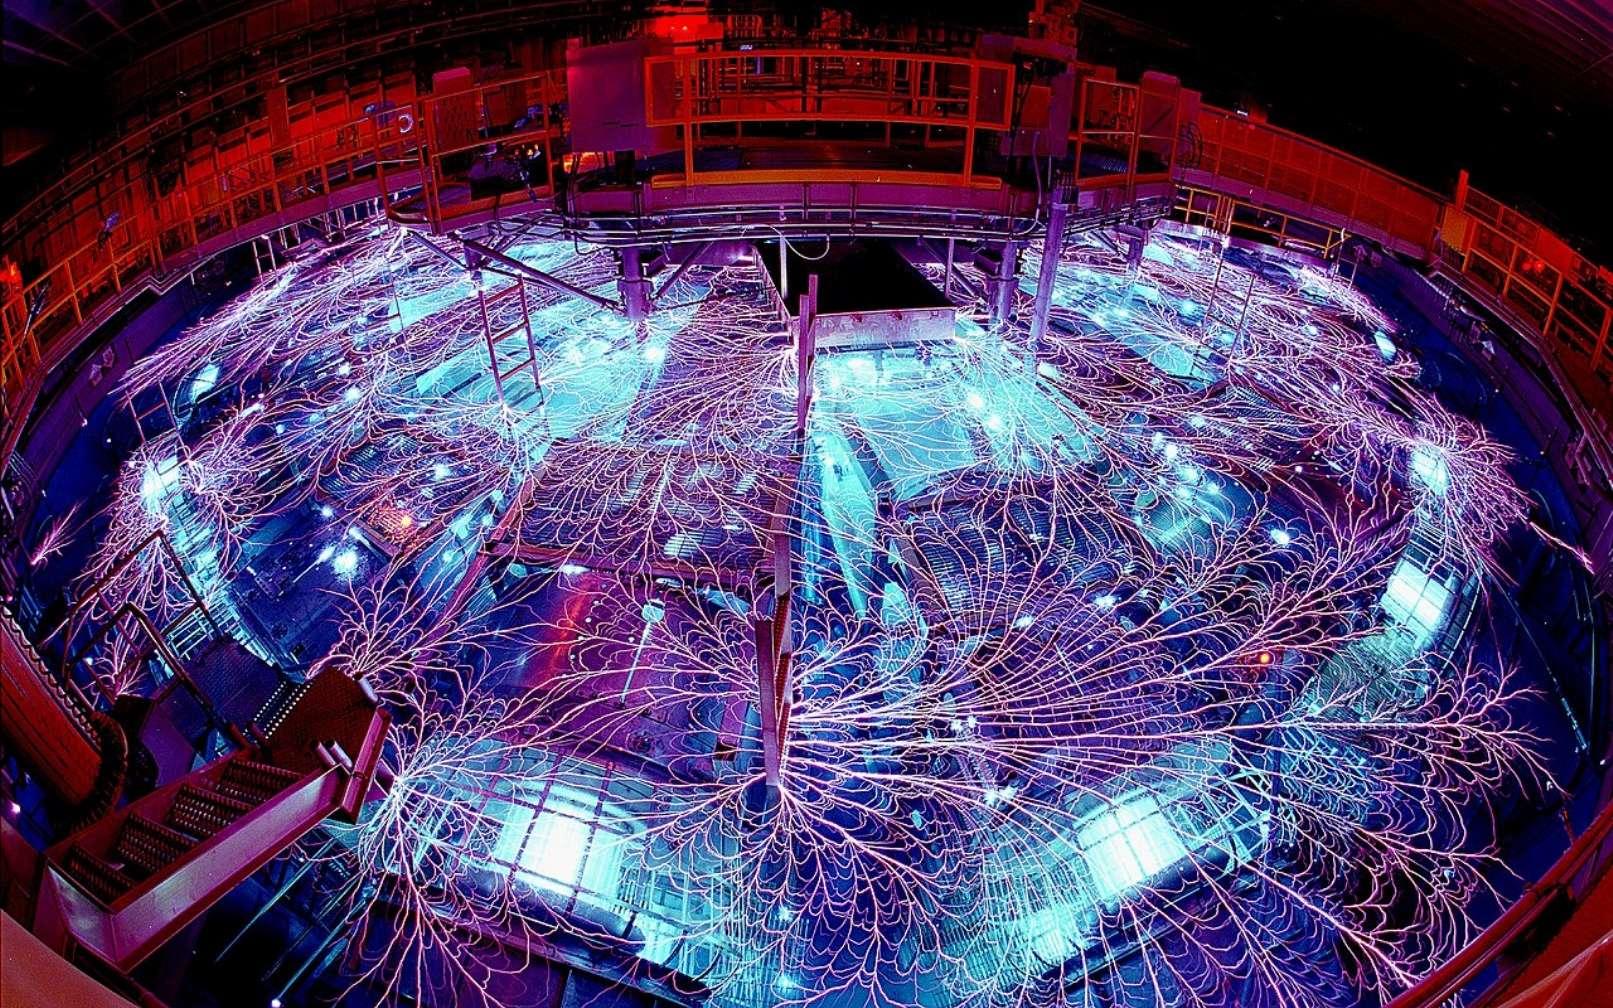 Des scientifiques reproduisent l'intérieur des superterres sur Terre avec la Z-machine - Futura